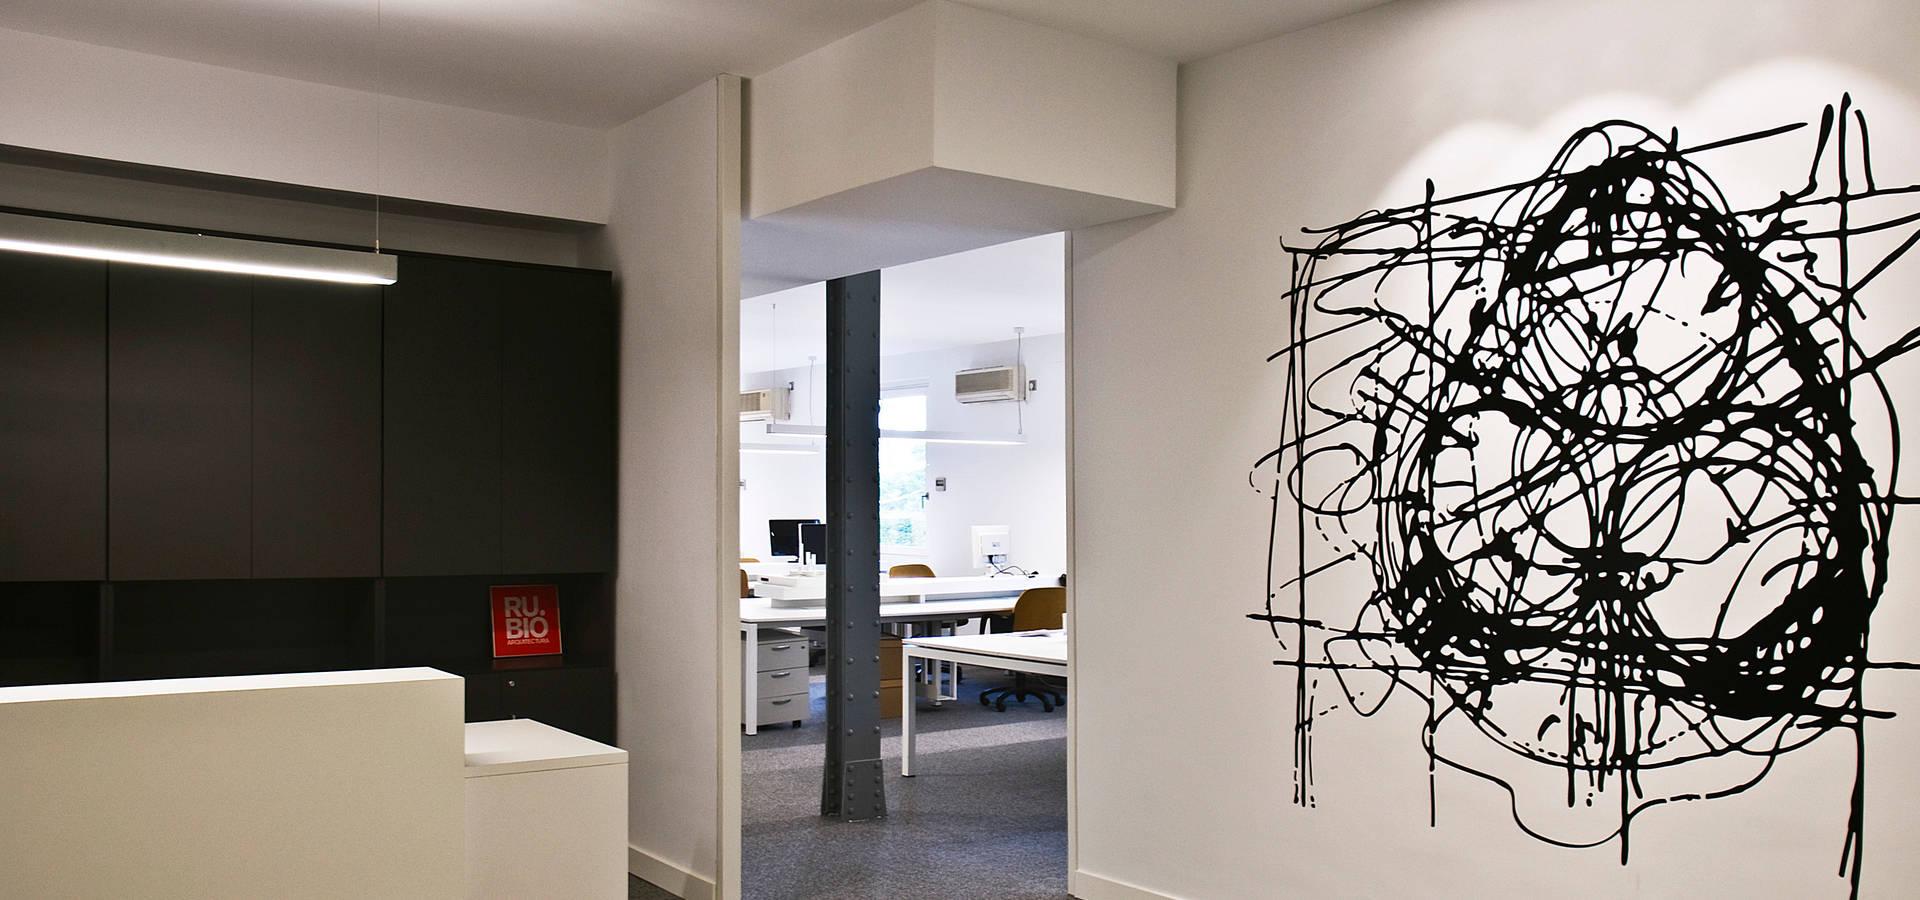 Bio dec arquitectos de interiores en madrid homify - Arquitecto de interiores madrid ...